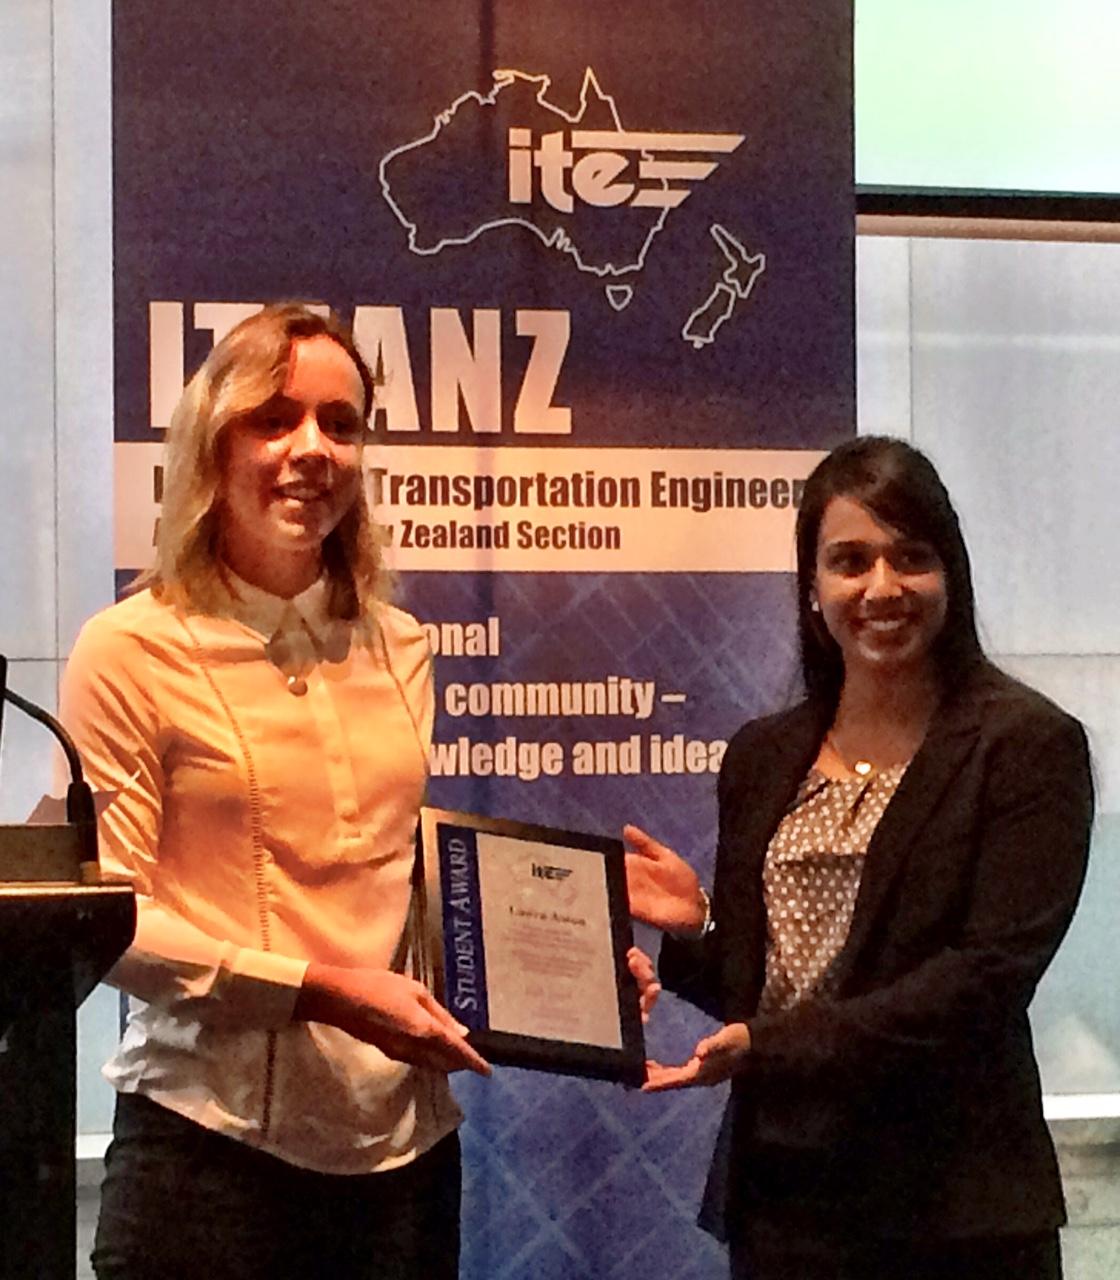 Laura Aston ITE Prize